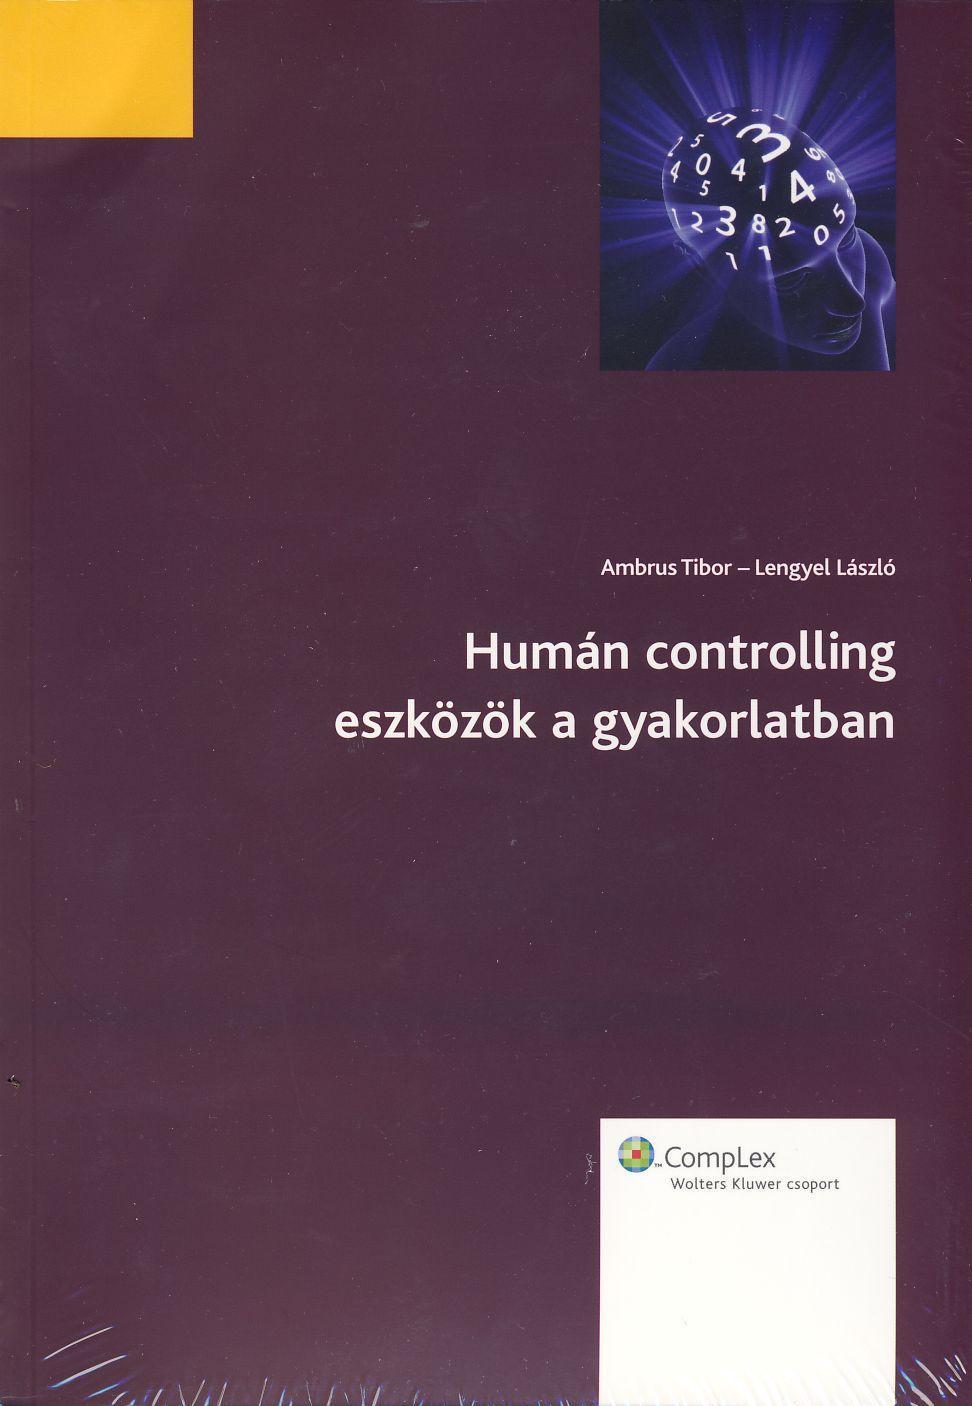 HUMÁN CONTROLLING ESZKÖZÖK A GYAKORLATBAN - CD MELLÉKLETTEL